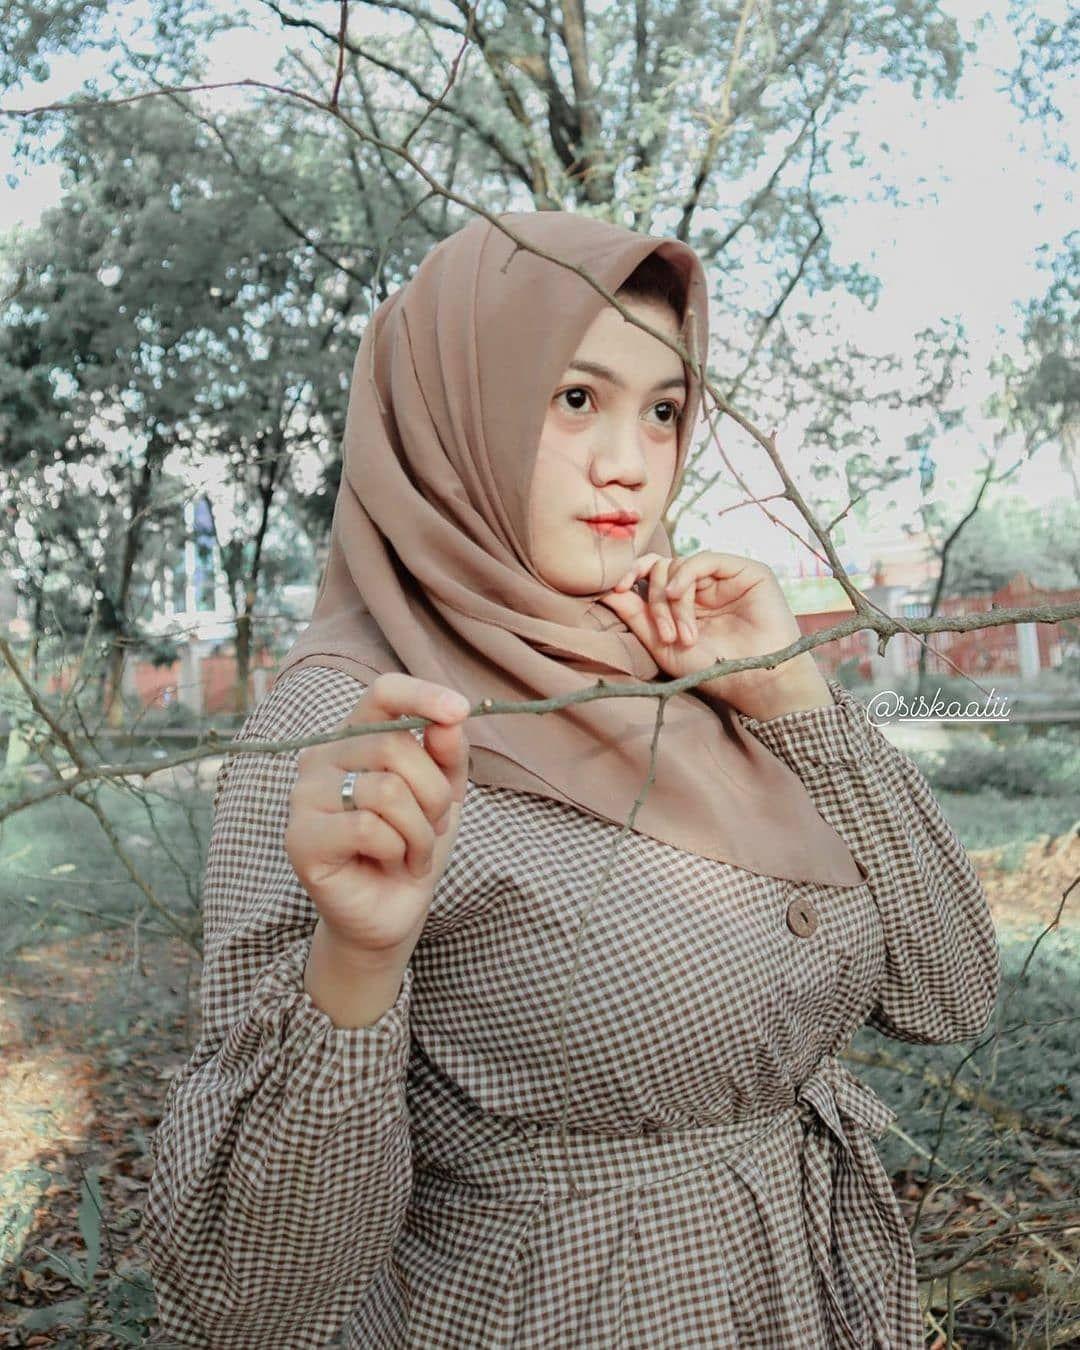 des femmes arabes melun